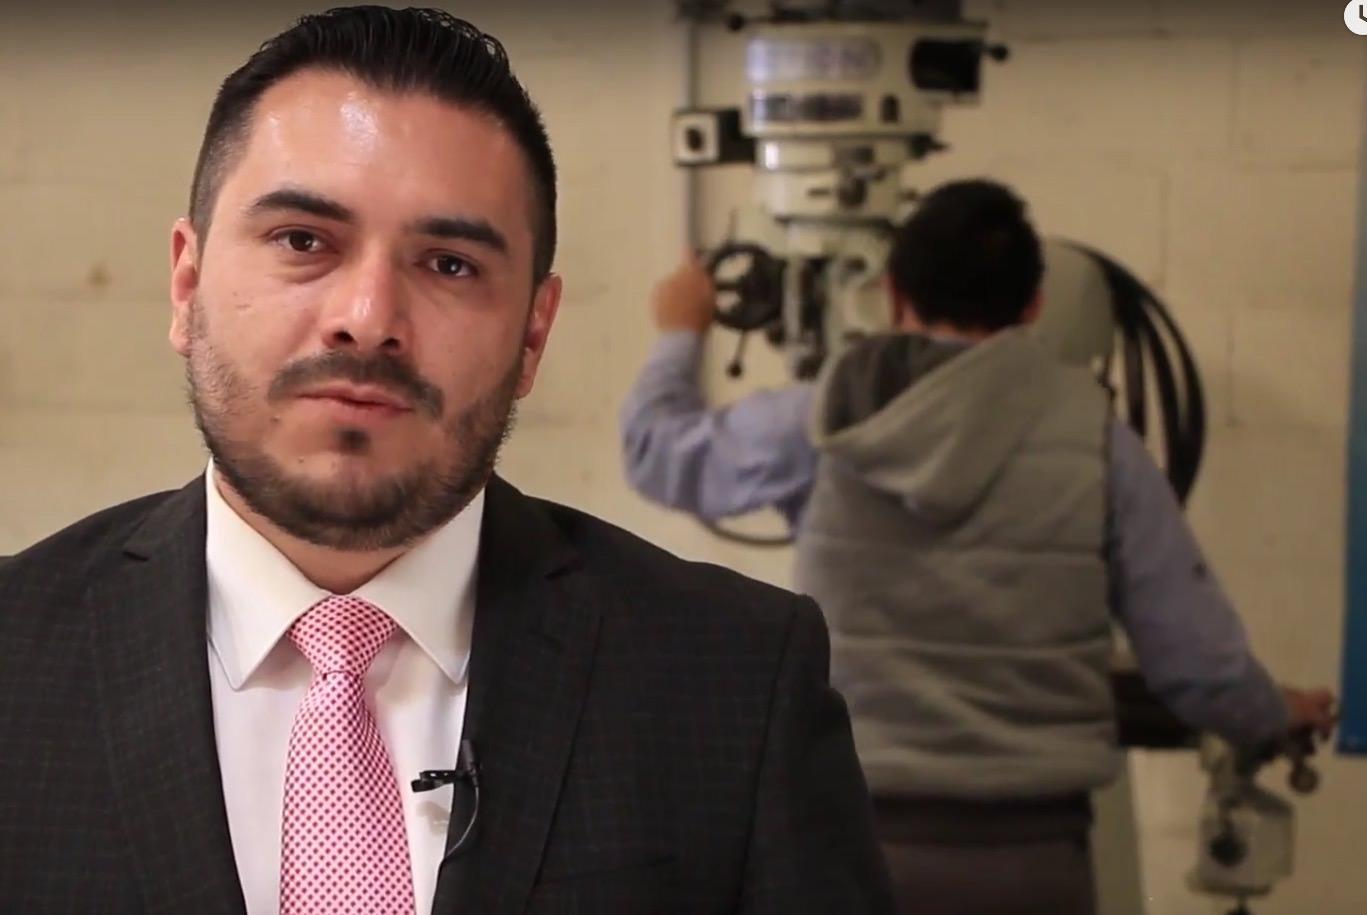 Con patente de cerillo eléctrico gana premio la firma HAS-IT, de Zacatecas